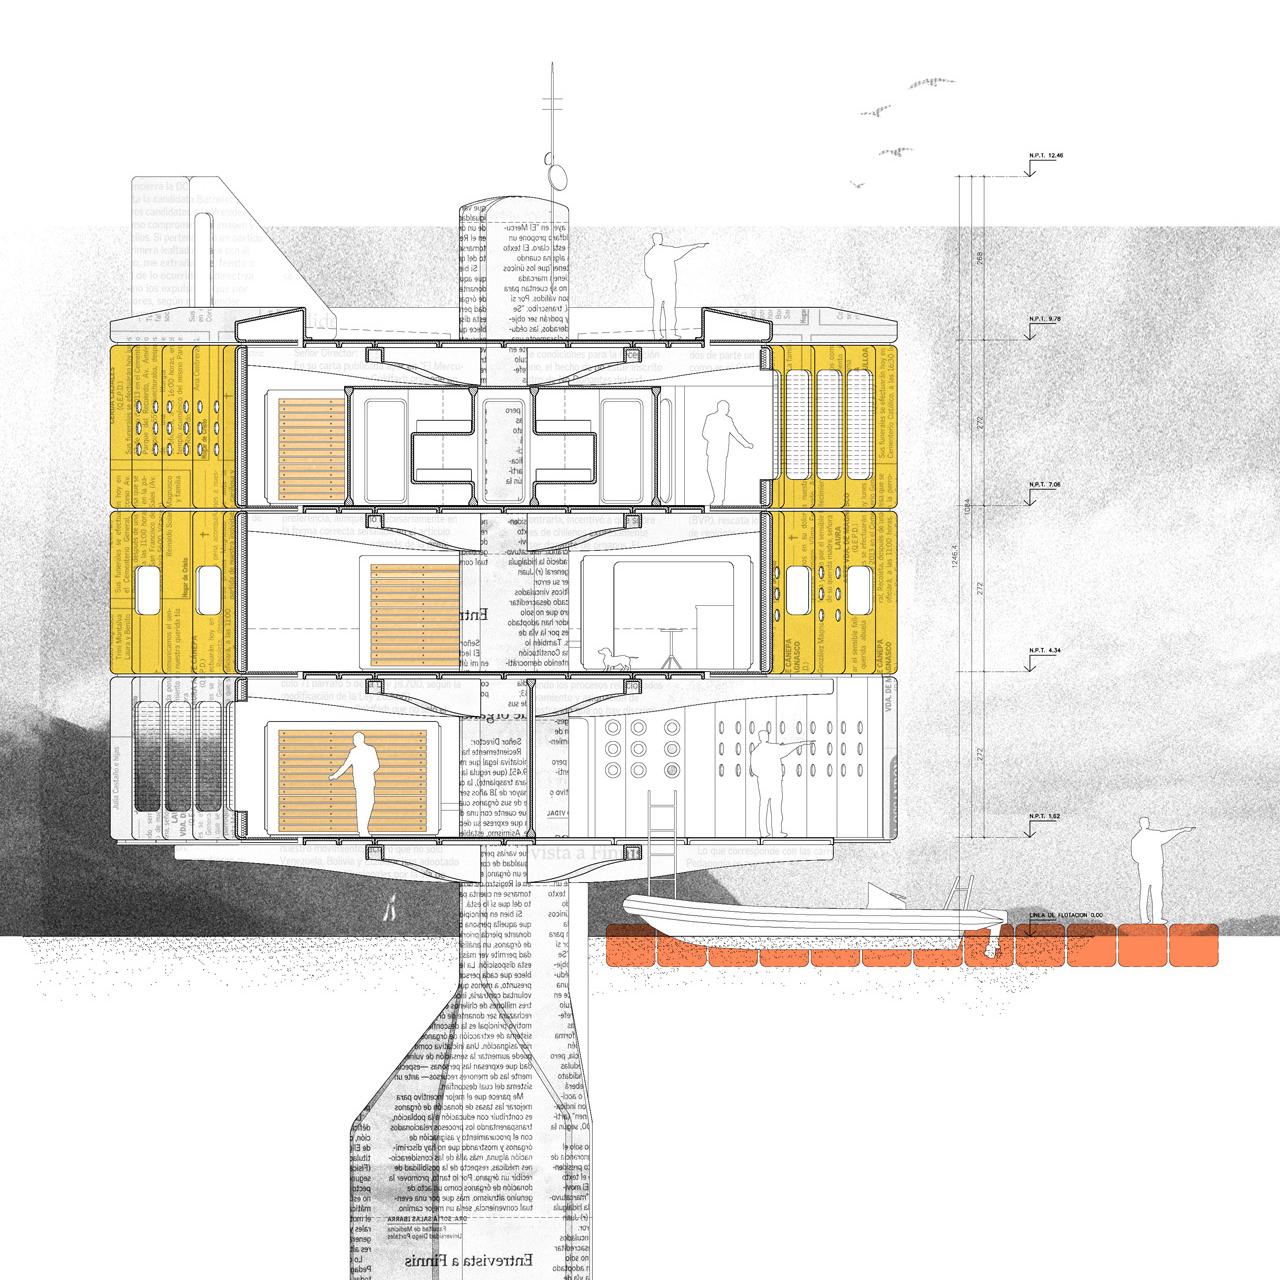 Arquitectura Flotante: Sistema de prefabricación en ferrocemento para zonas extremas